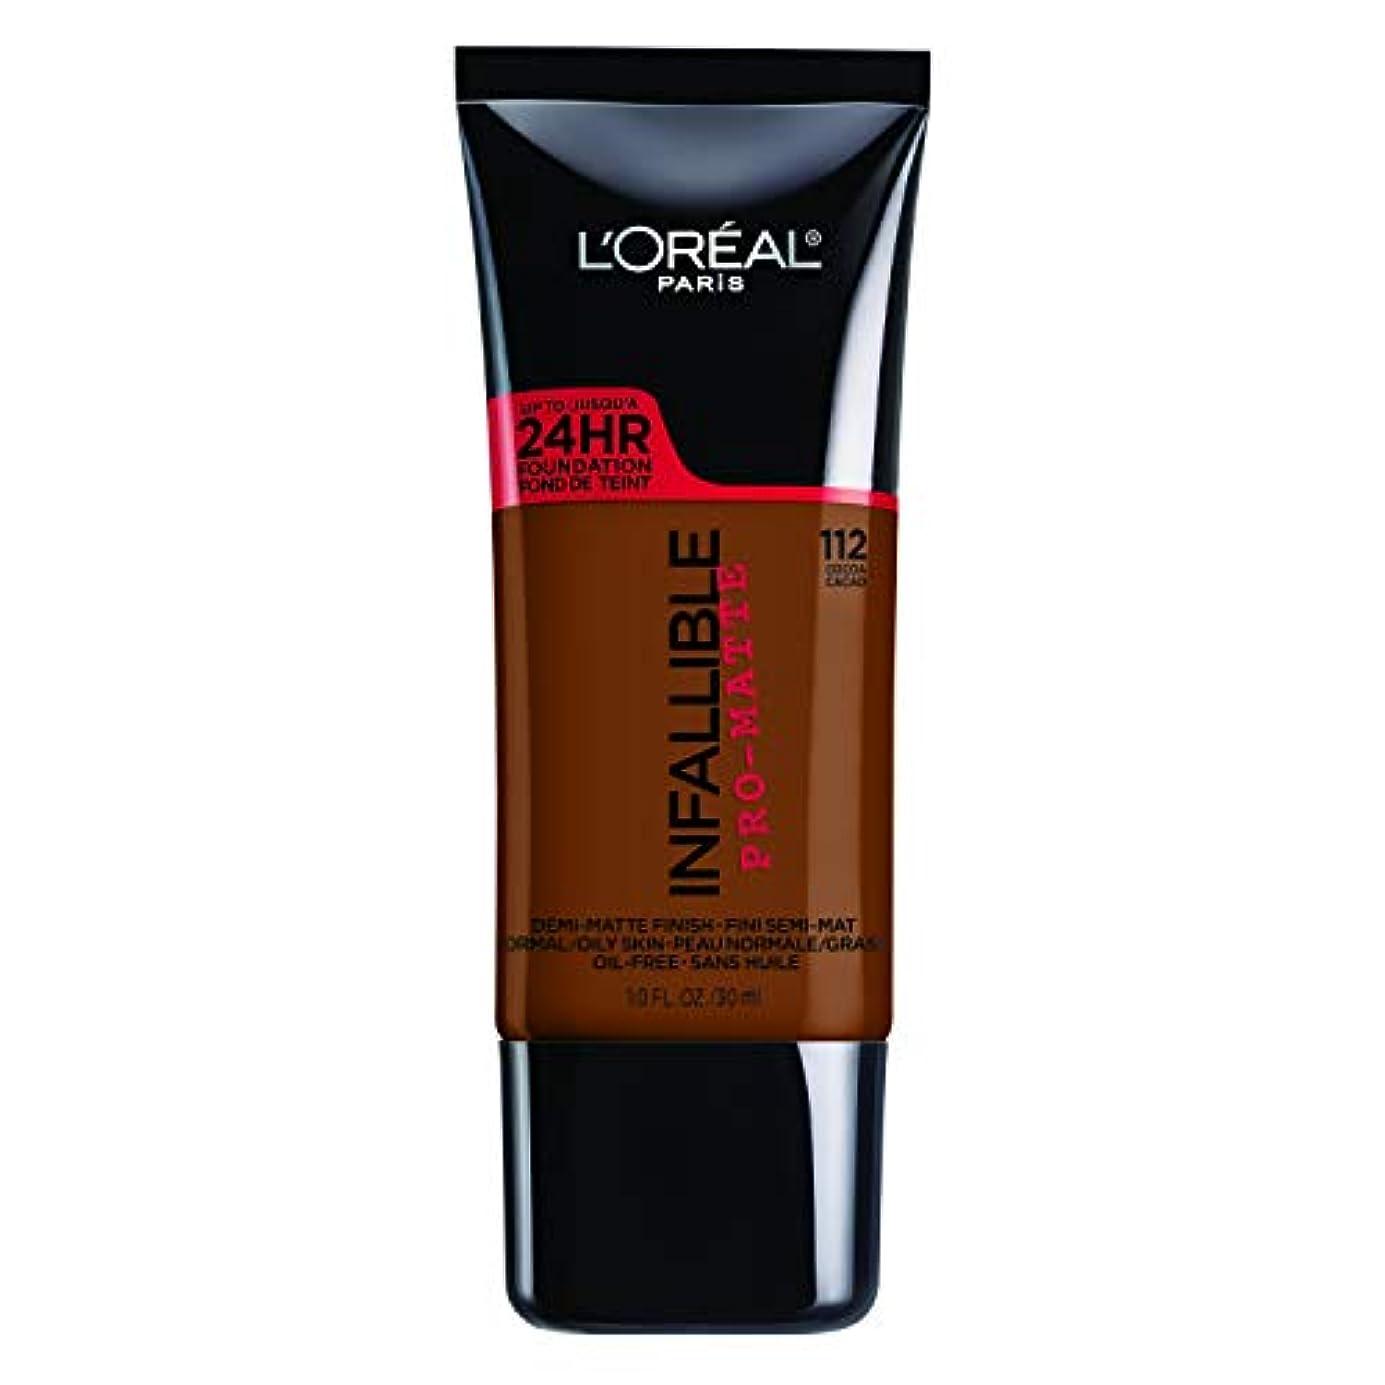 ボーダー減らすひそかにL'Oreal Paris Infallible Pro-Matte Foundation Makeup, 112 Cocoa, 1 fl. oz[並行輸入品]